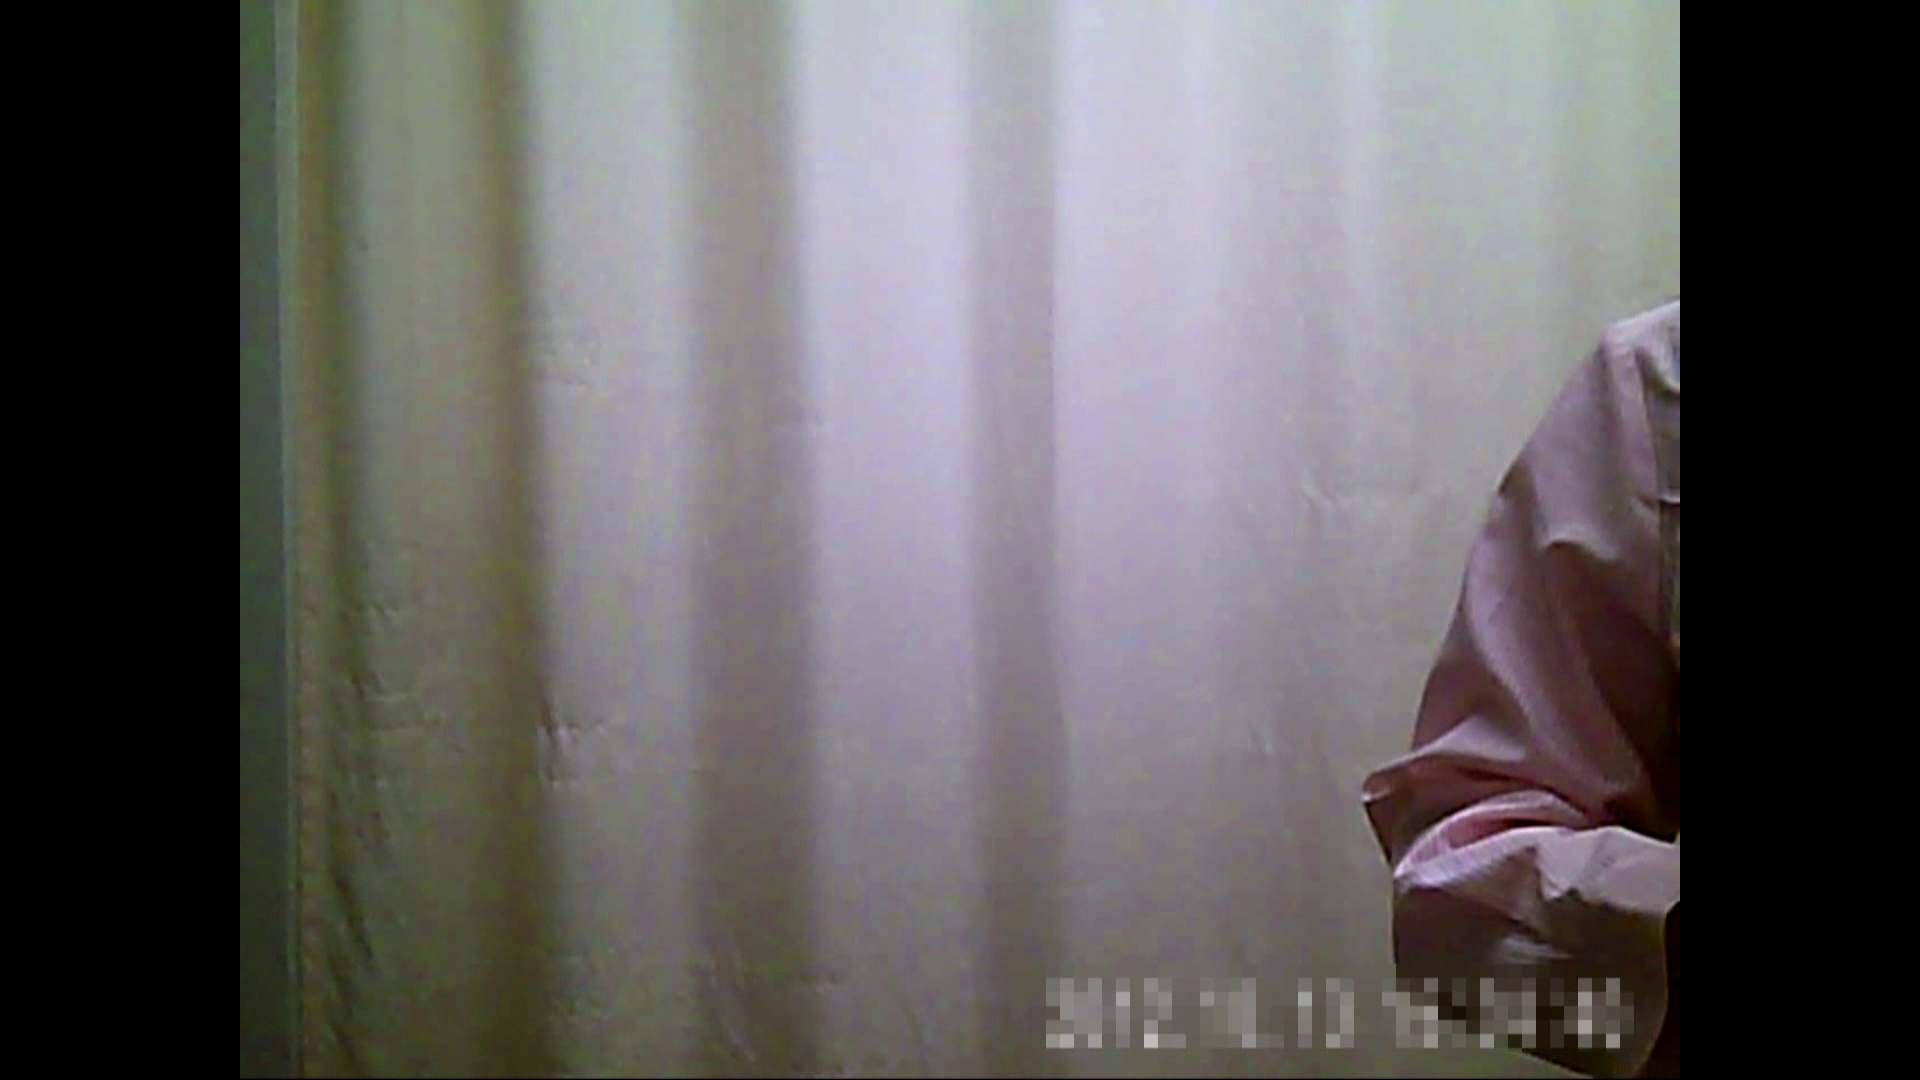 元医者による反抗 更衣室地獄絵巻 vol.059 OLハメ撮り  95Pix 95